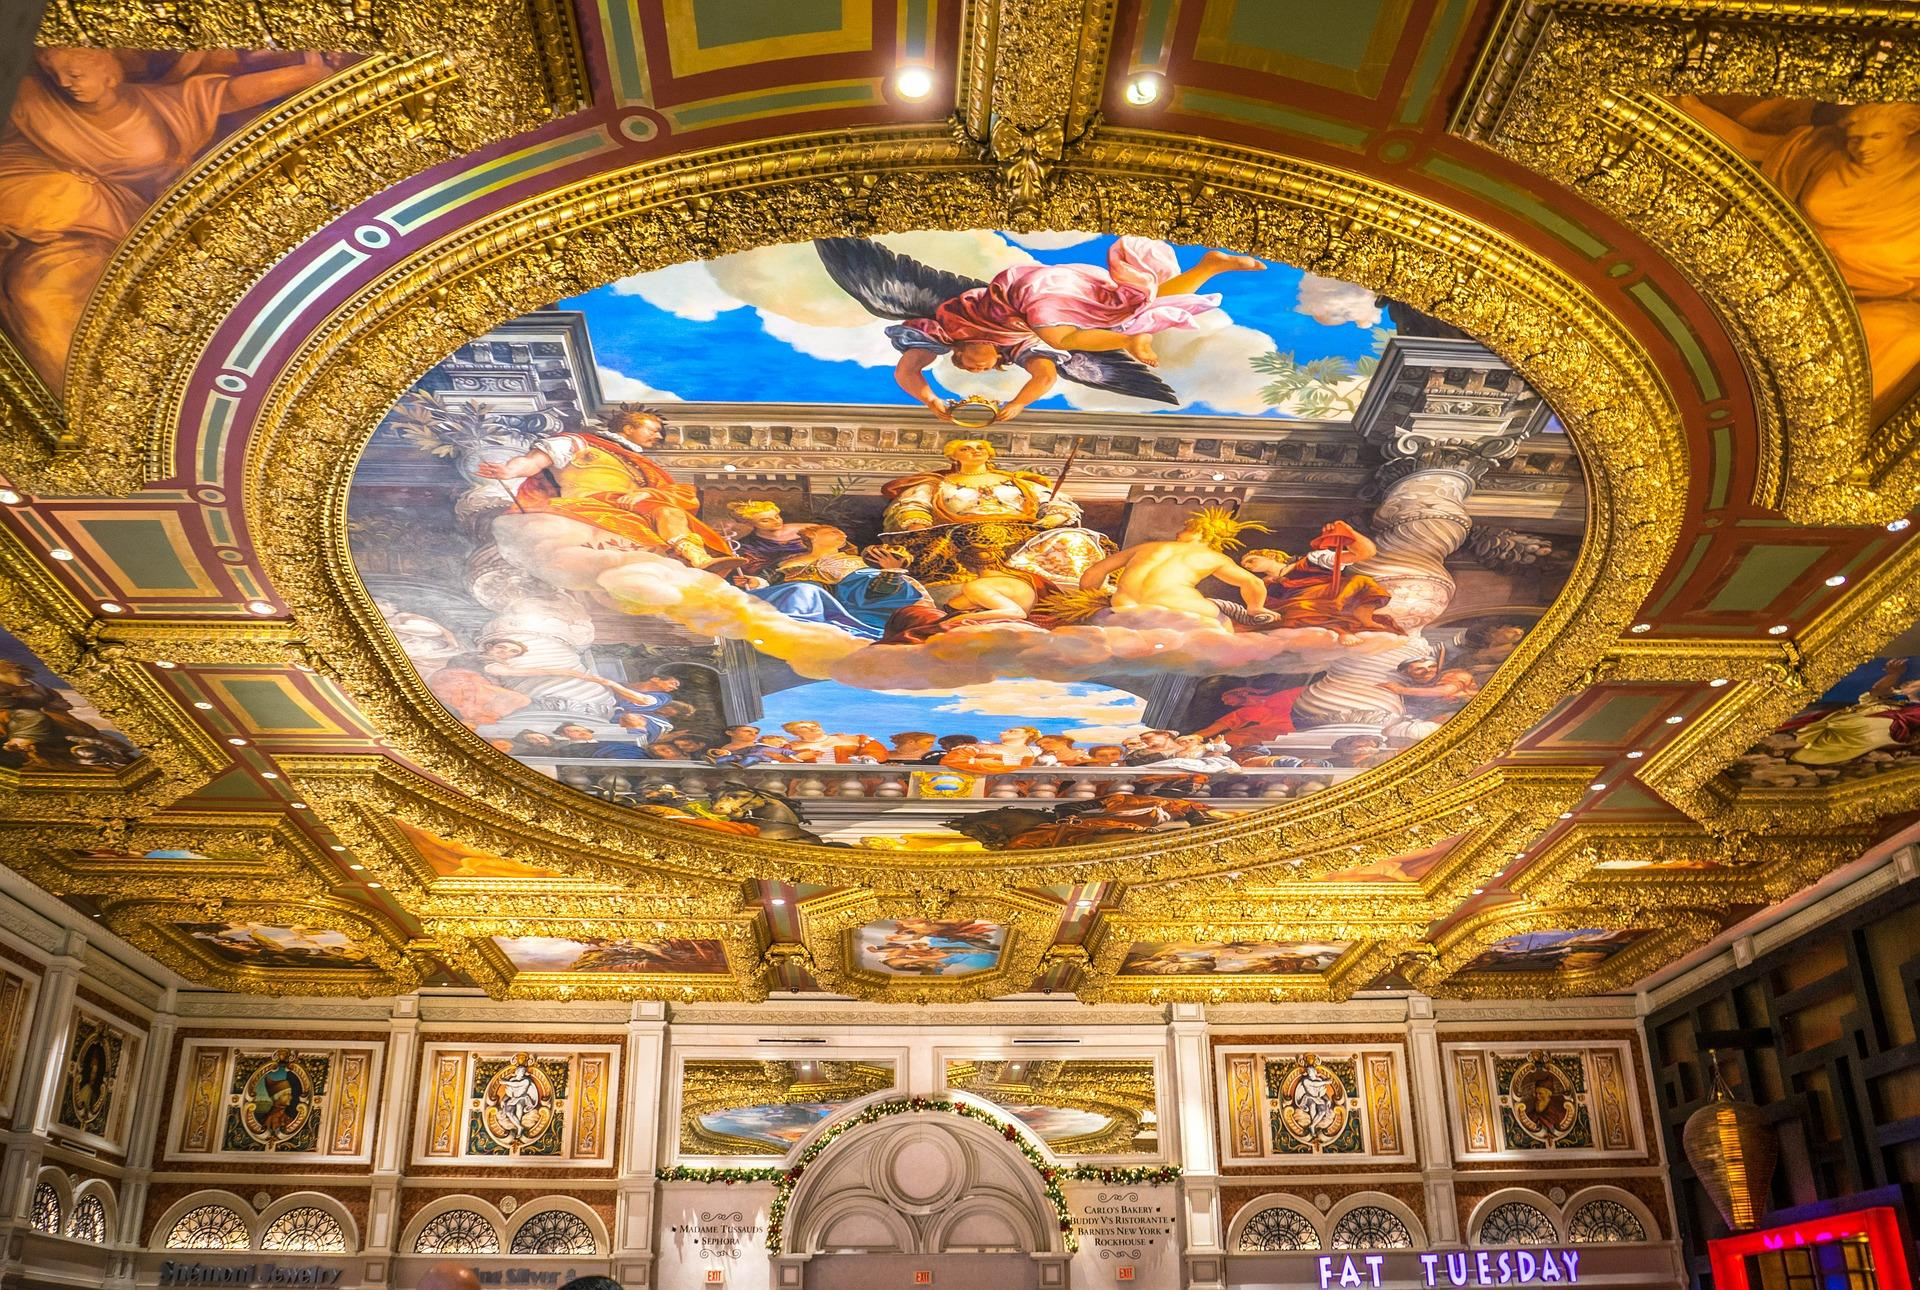 Tour-Museos-Vaticanos-y-Capilla-Sixtina-4